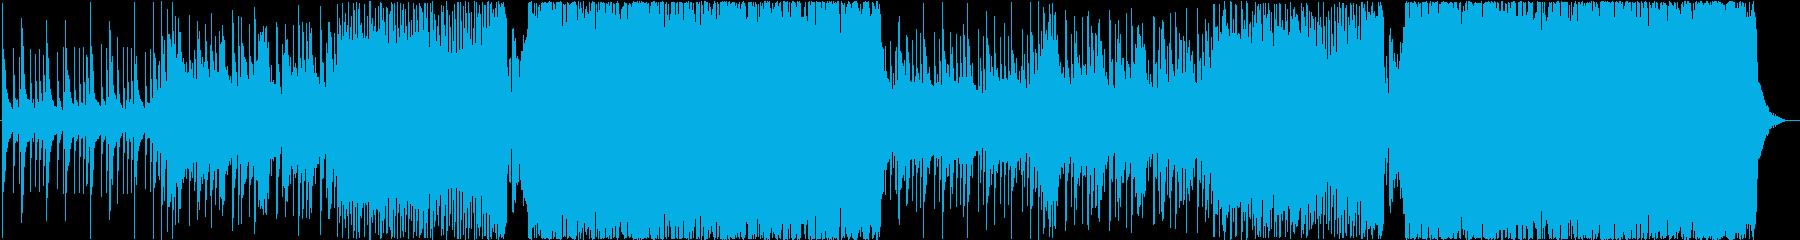 夏っぽくて可愛いFuture bassの再生済みの波形